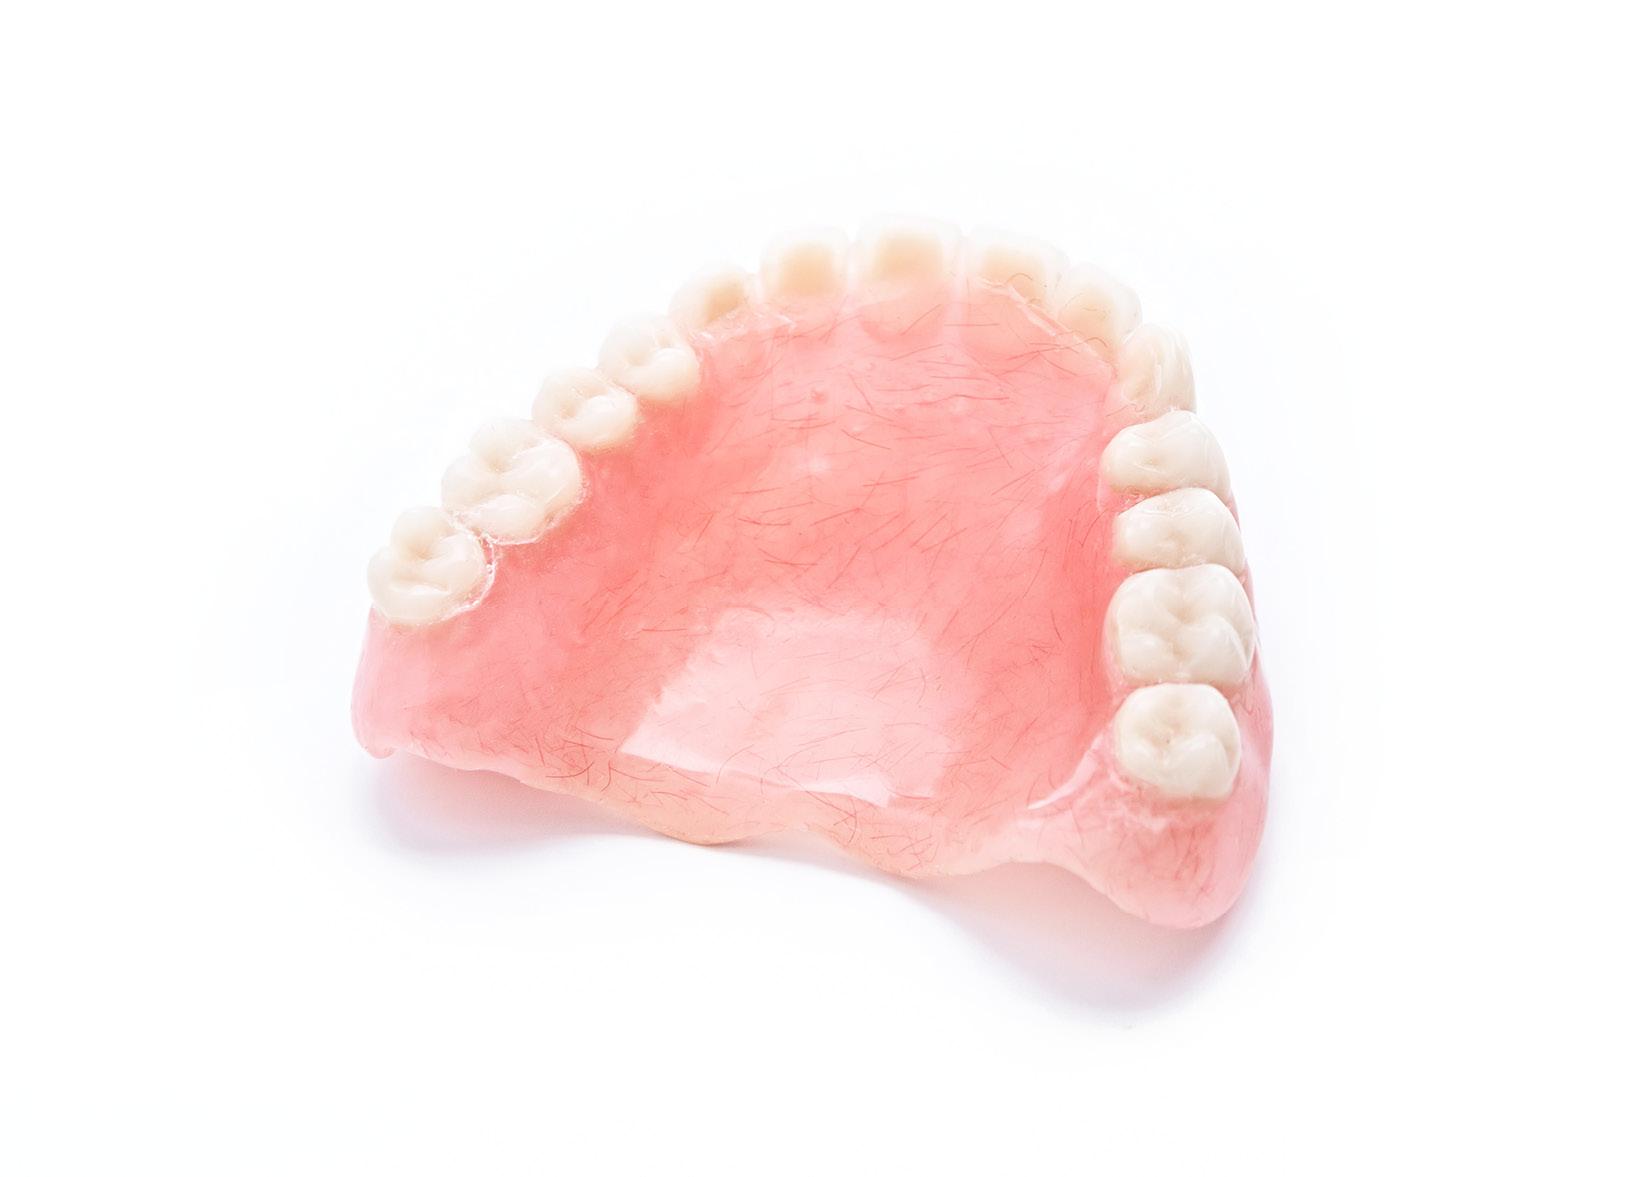 Prótesis - Cuando hemos perdido algun diente y necesitamos reponerlo, además de los implantes dentales también pueden realizarse los tratamientos tradicionales de prótesis fija sobre dientes naturales o prótesis removible (de poner y quitar).